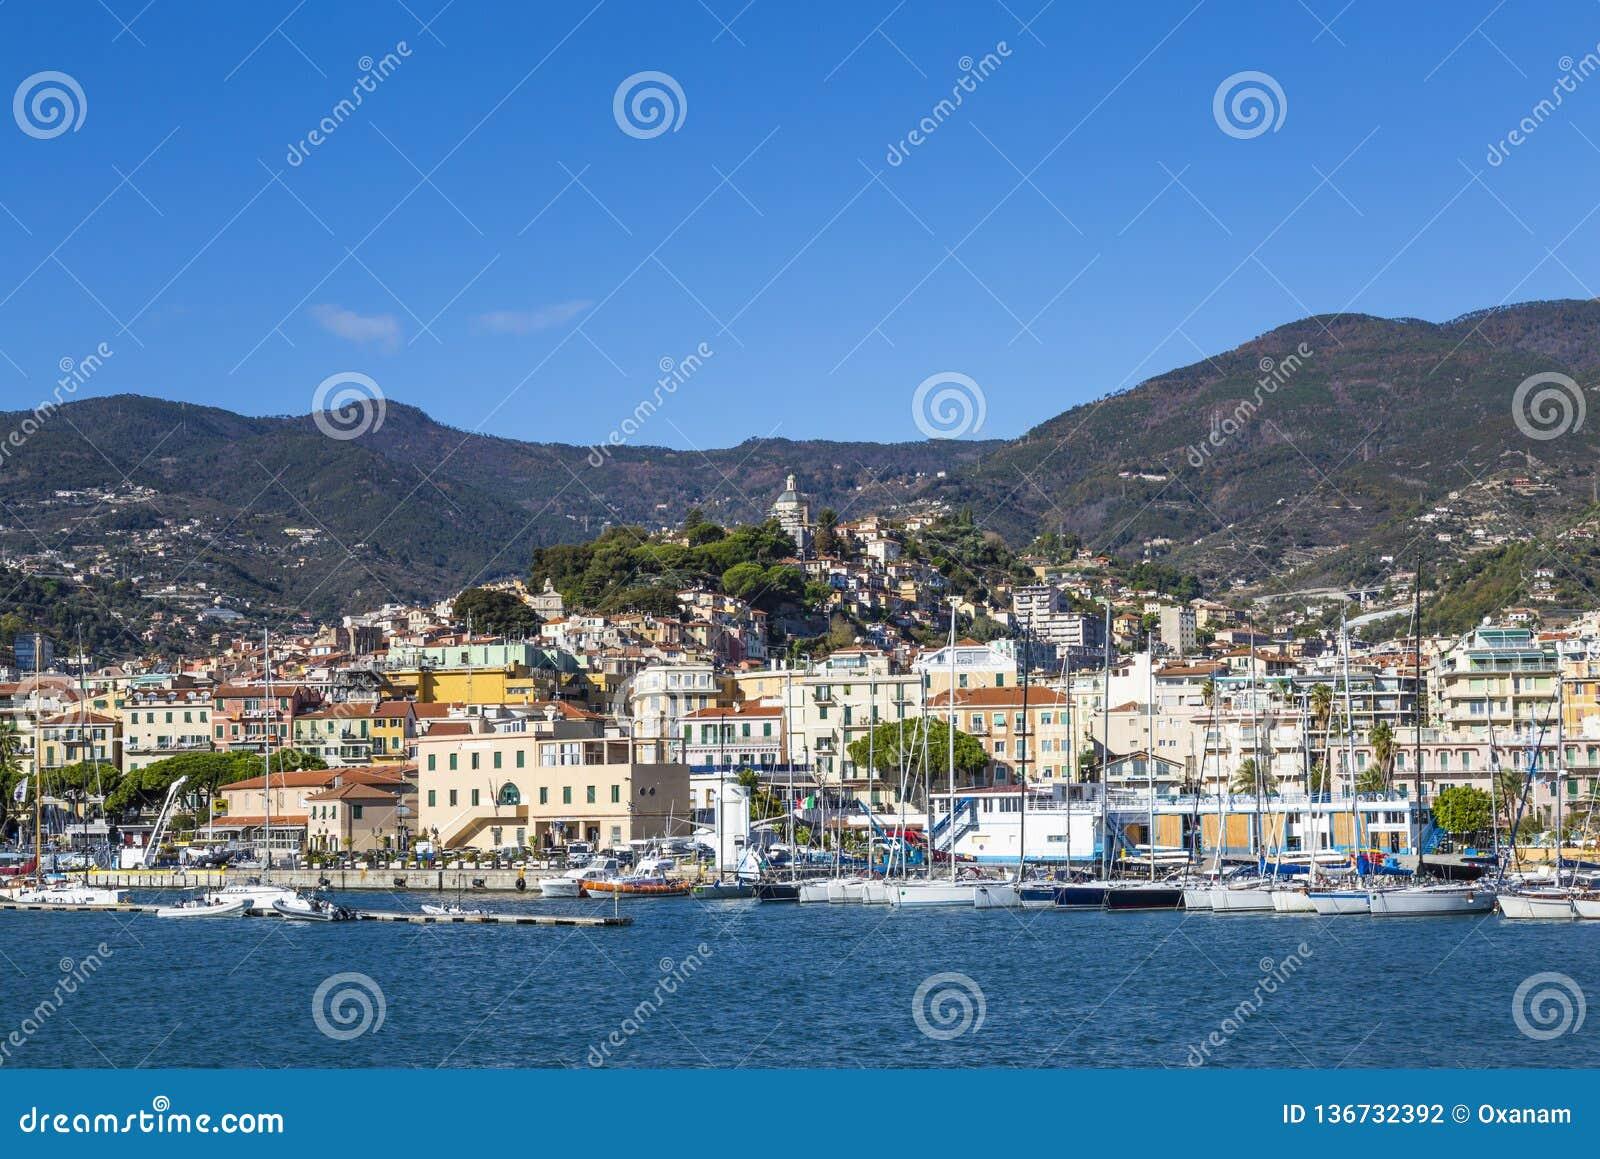 """Sanremo, Italien †""""November 14, 2017 - dagsikt från havet med fartyg och yachter till den gamla staden av Sanremo La Pigna och"""